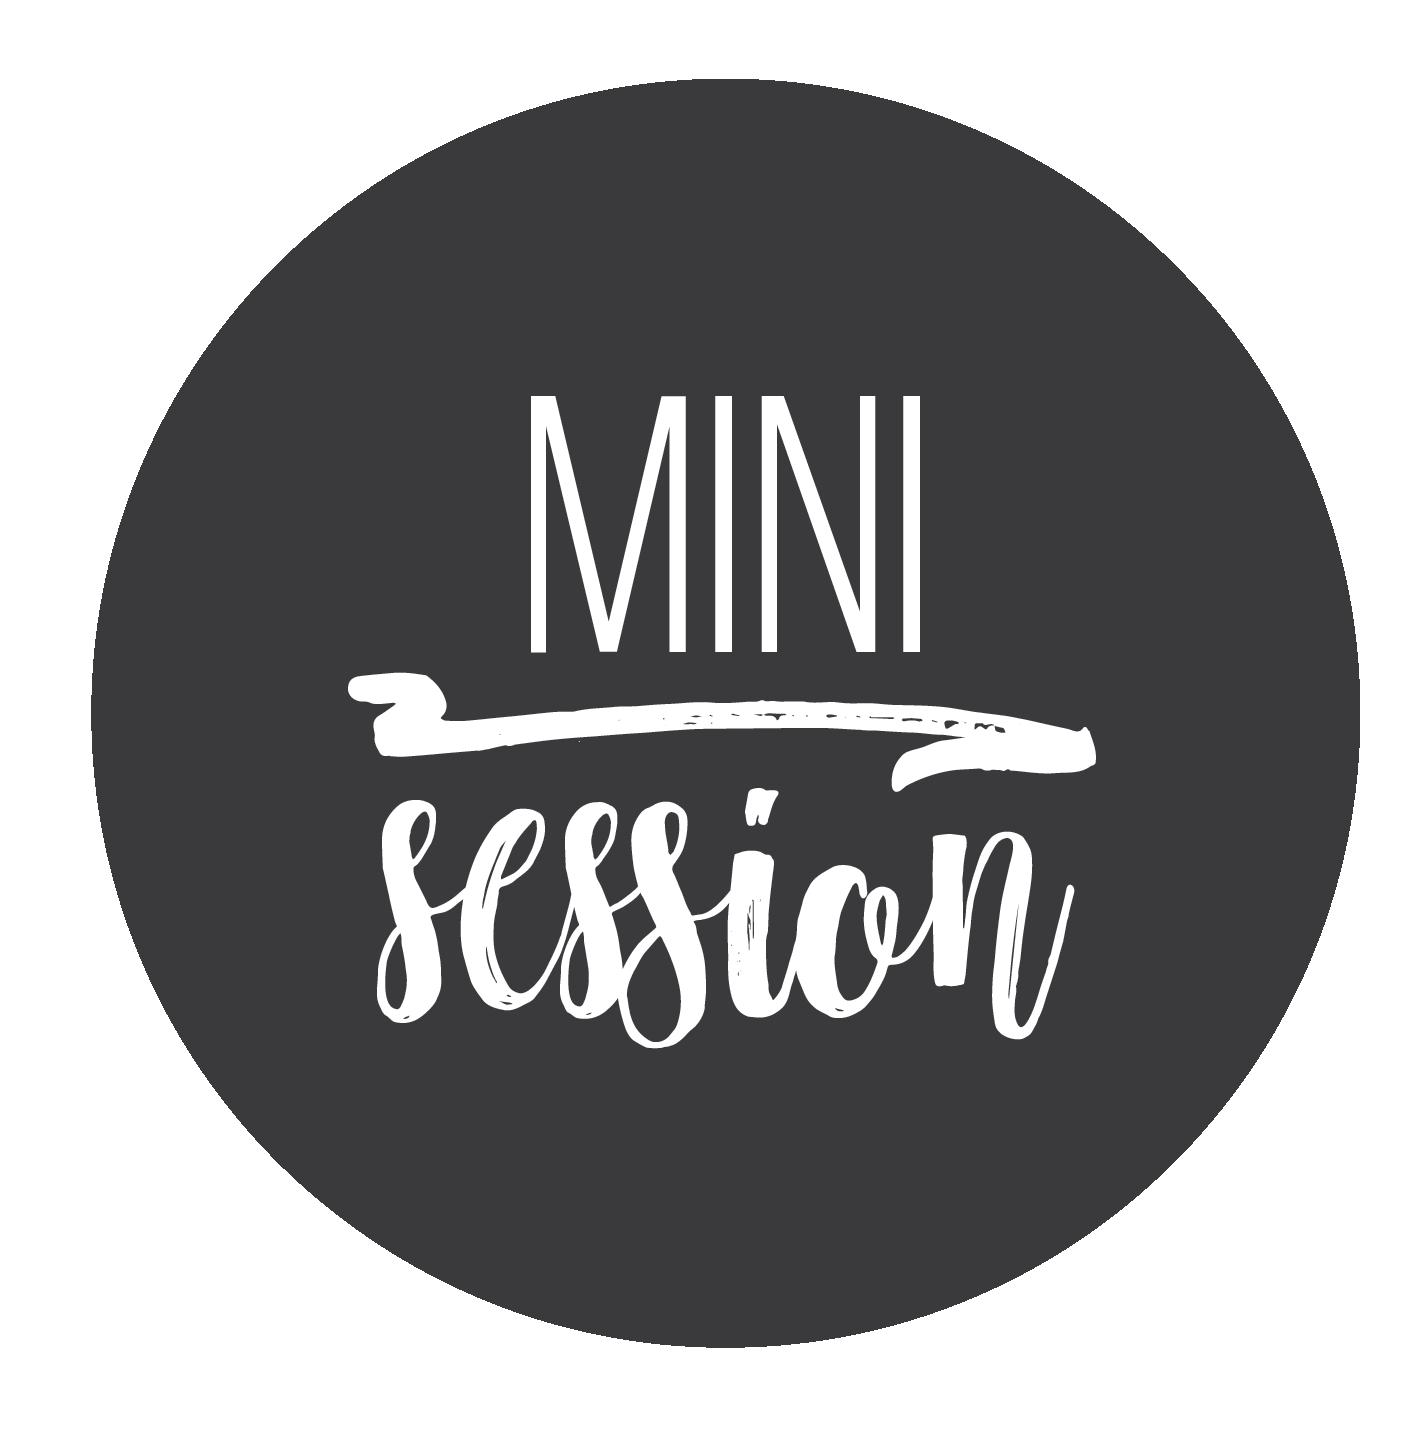 School Mini Session